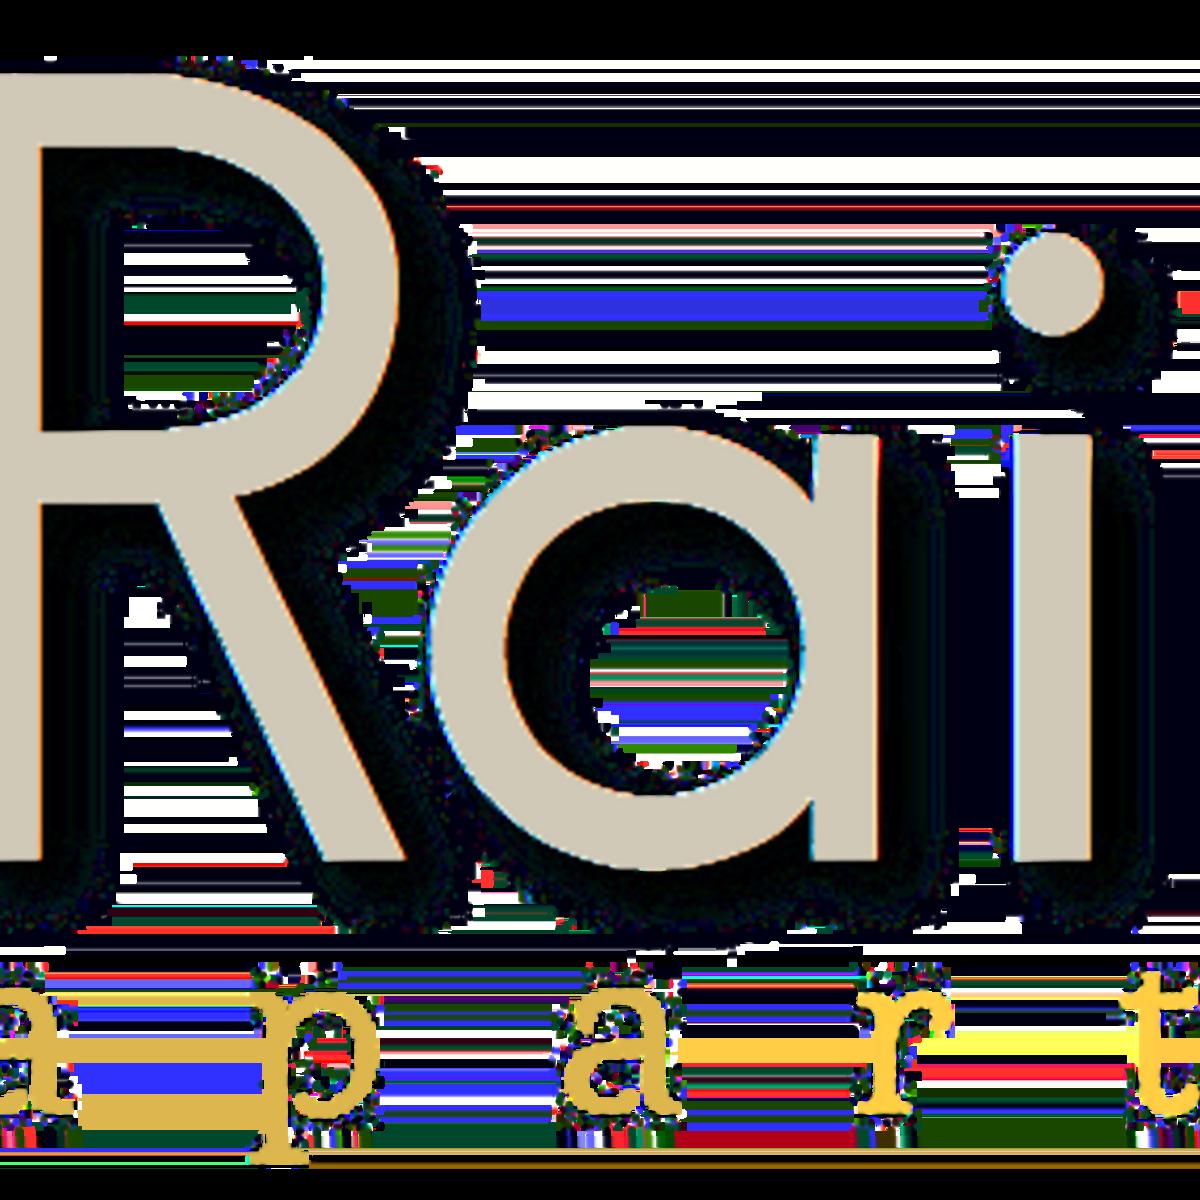 Apartmentfinder Com Ca: 300 Railway Campbell, CA - Contact Us